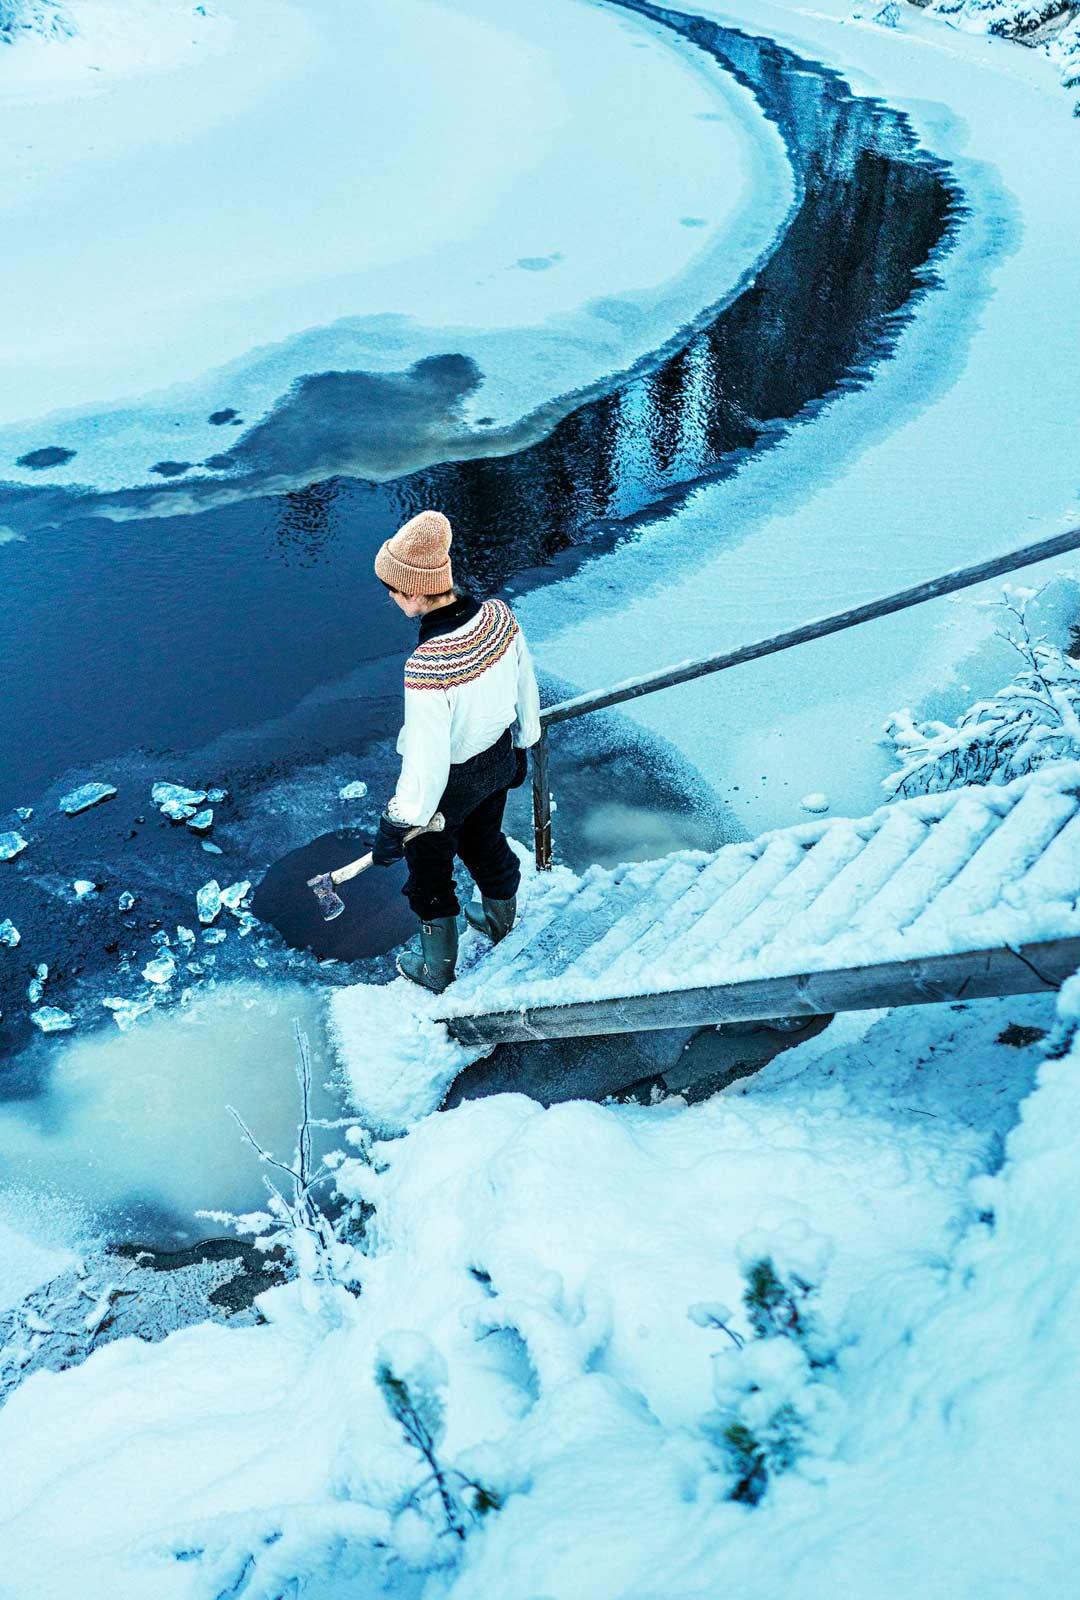 Erämökissä ei ole juoksevaa vettä, vaan vesi haetaan joesta.